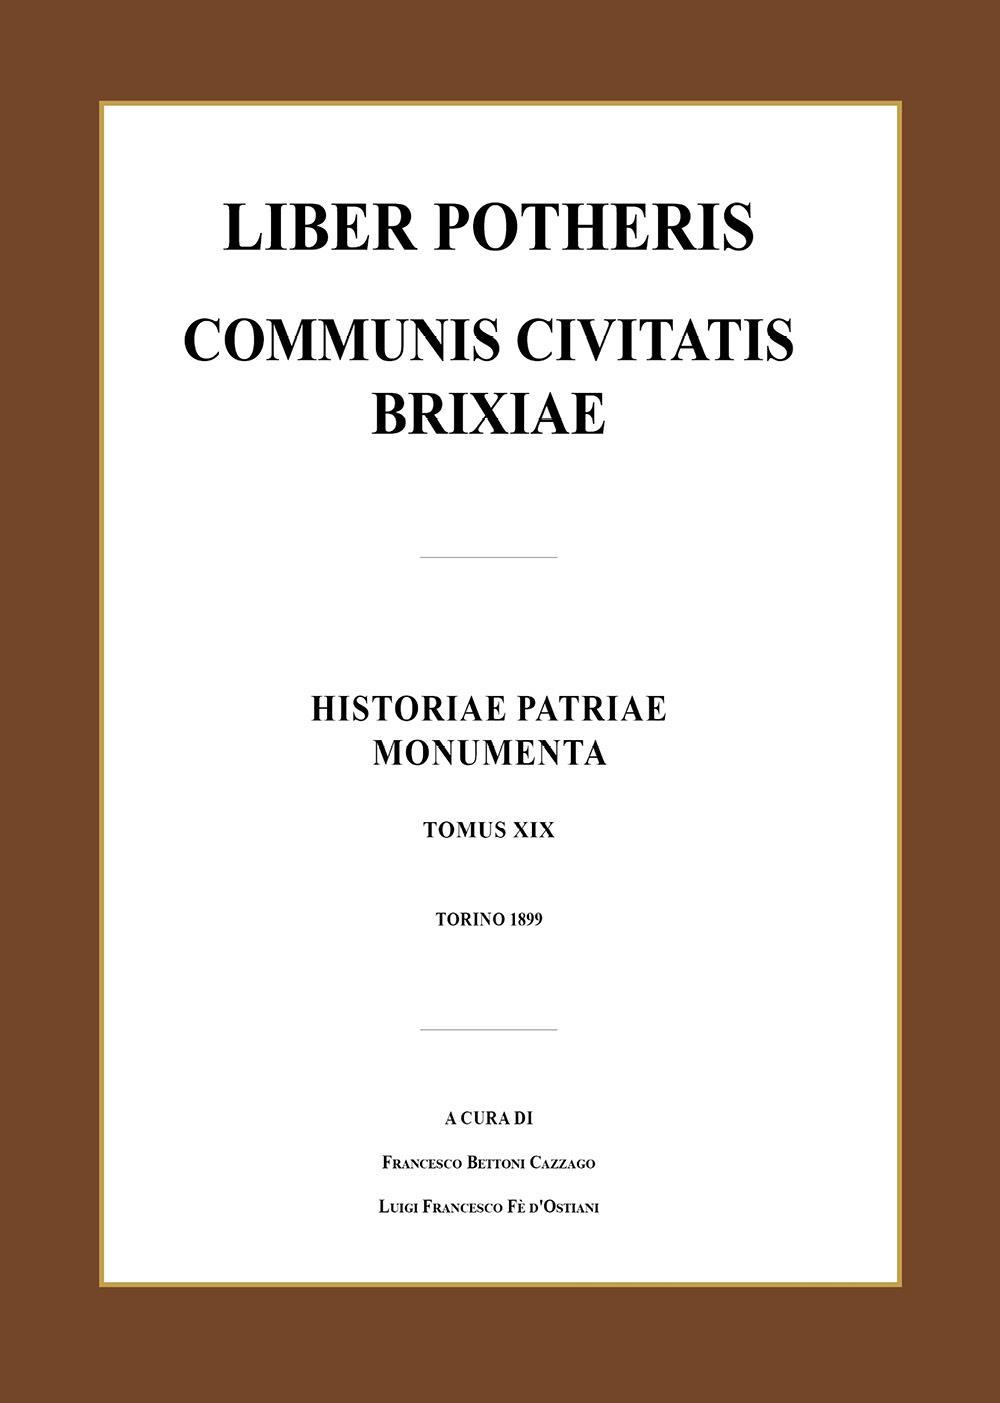 Liber potheris communis civitatis Brixiae